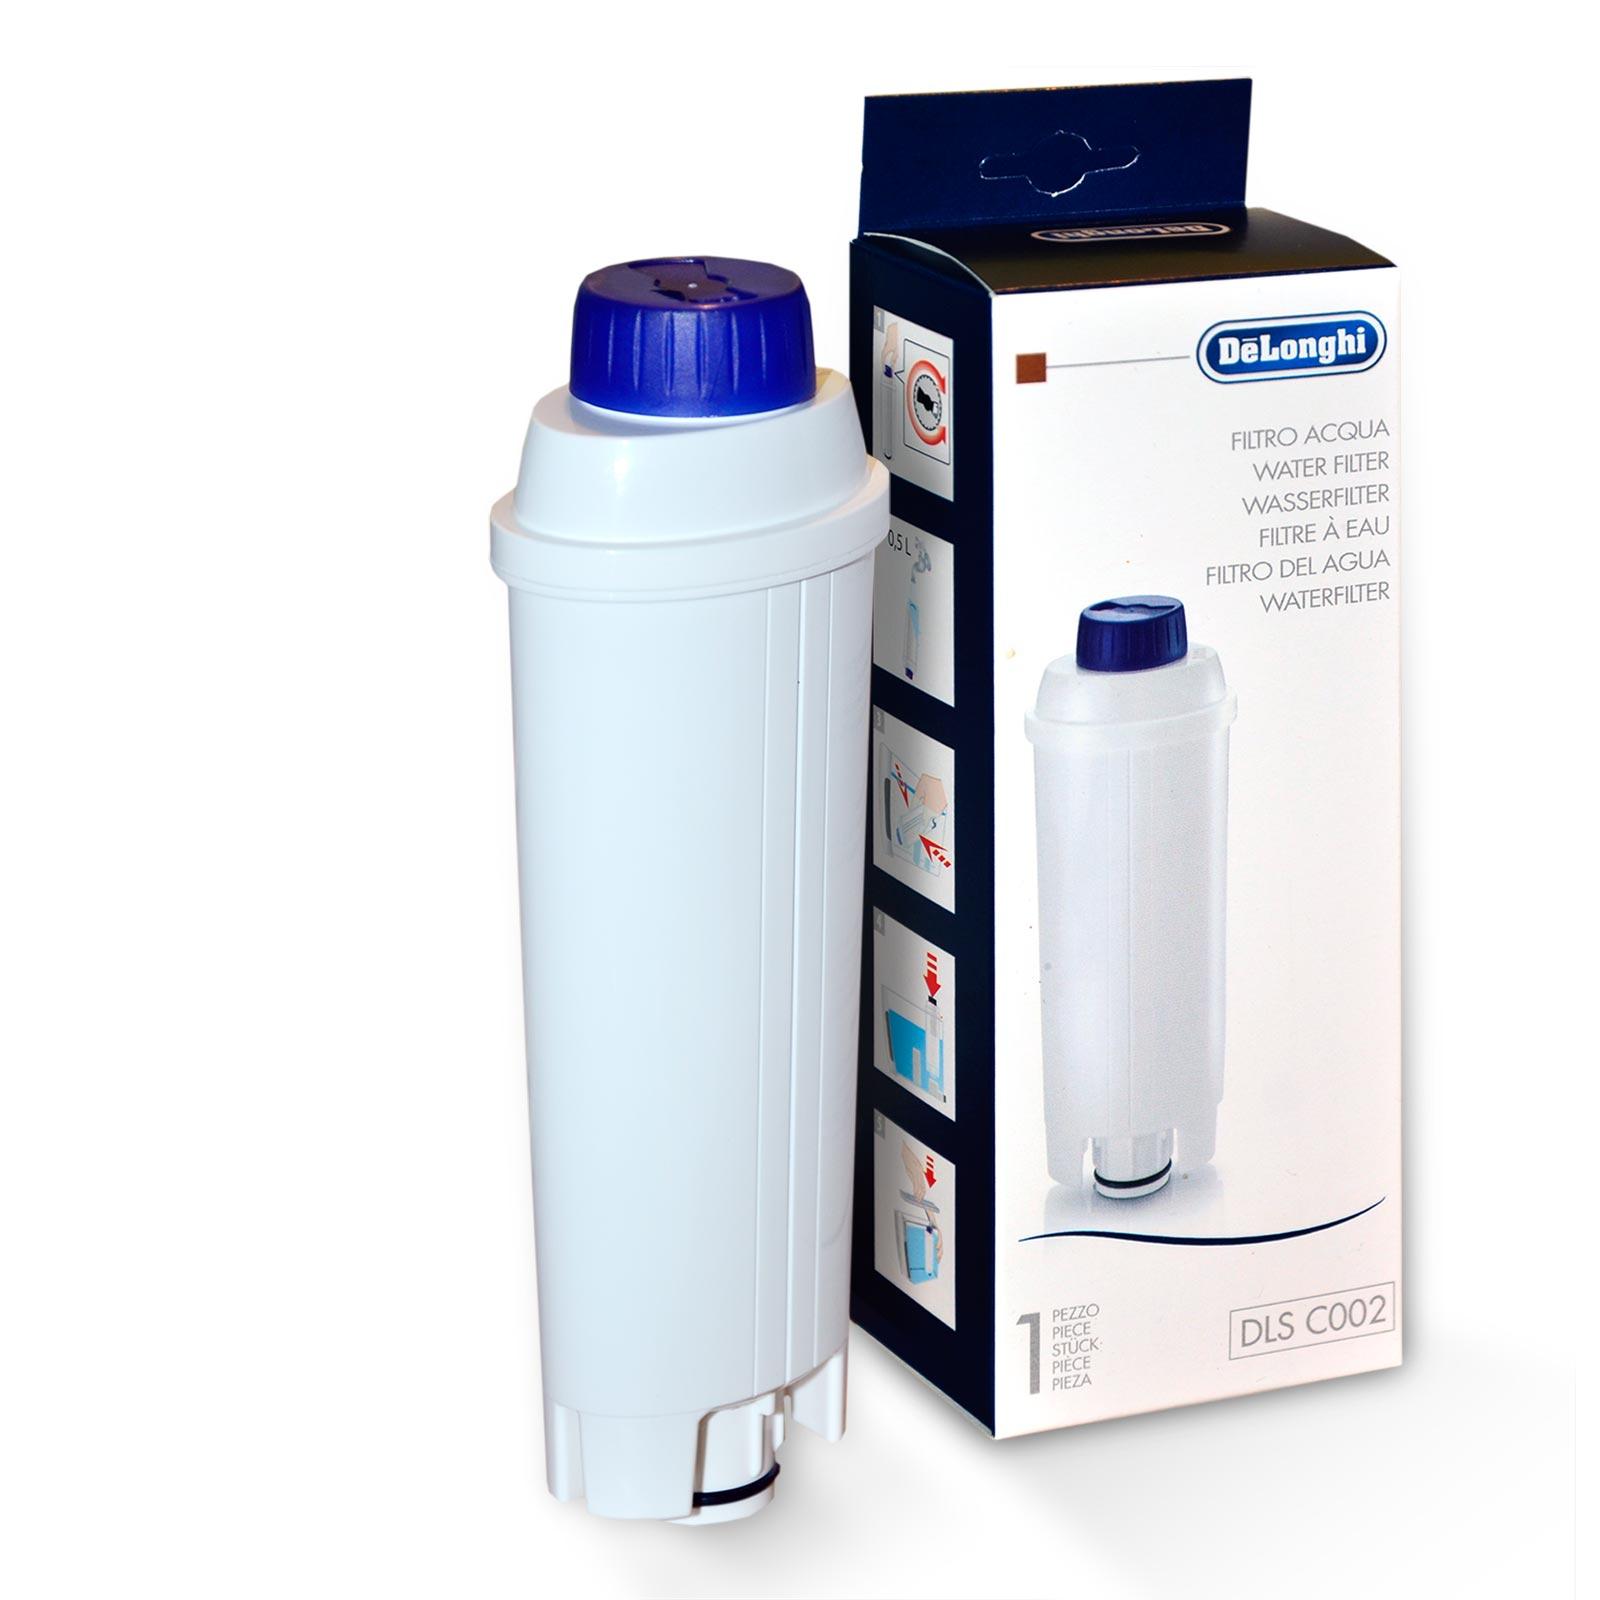 DeLonghi Wasserfilter DLS C002 SER3017 5513292811   Wasserstelle, Ihr Spezialist für gutes Wasser